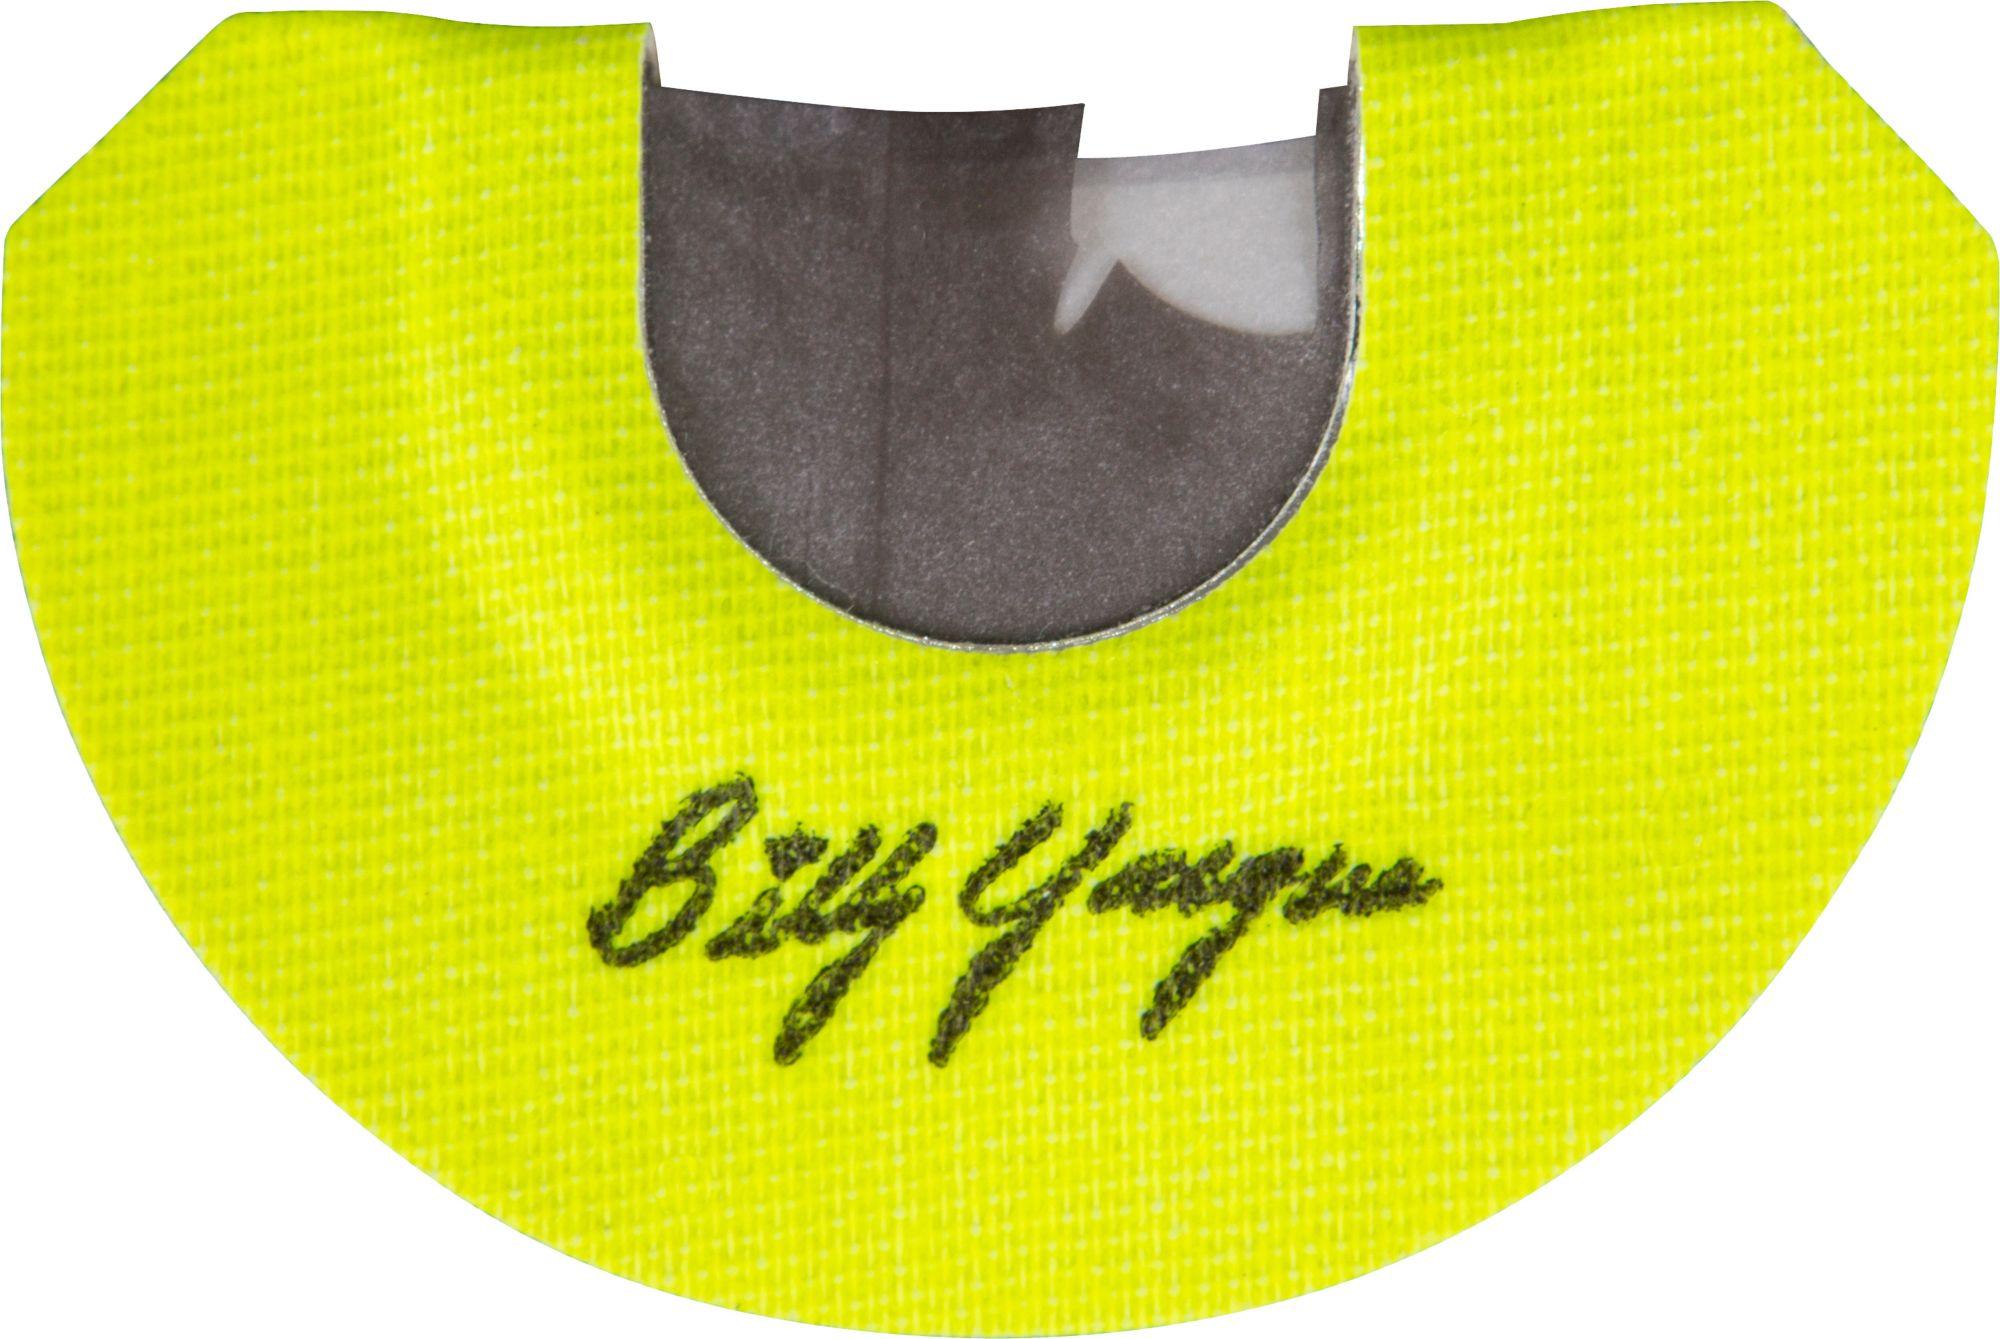 Flambeau Billy Yarbus Cut Nwtf Grand National Series Turkey Call